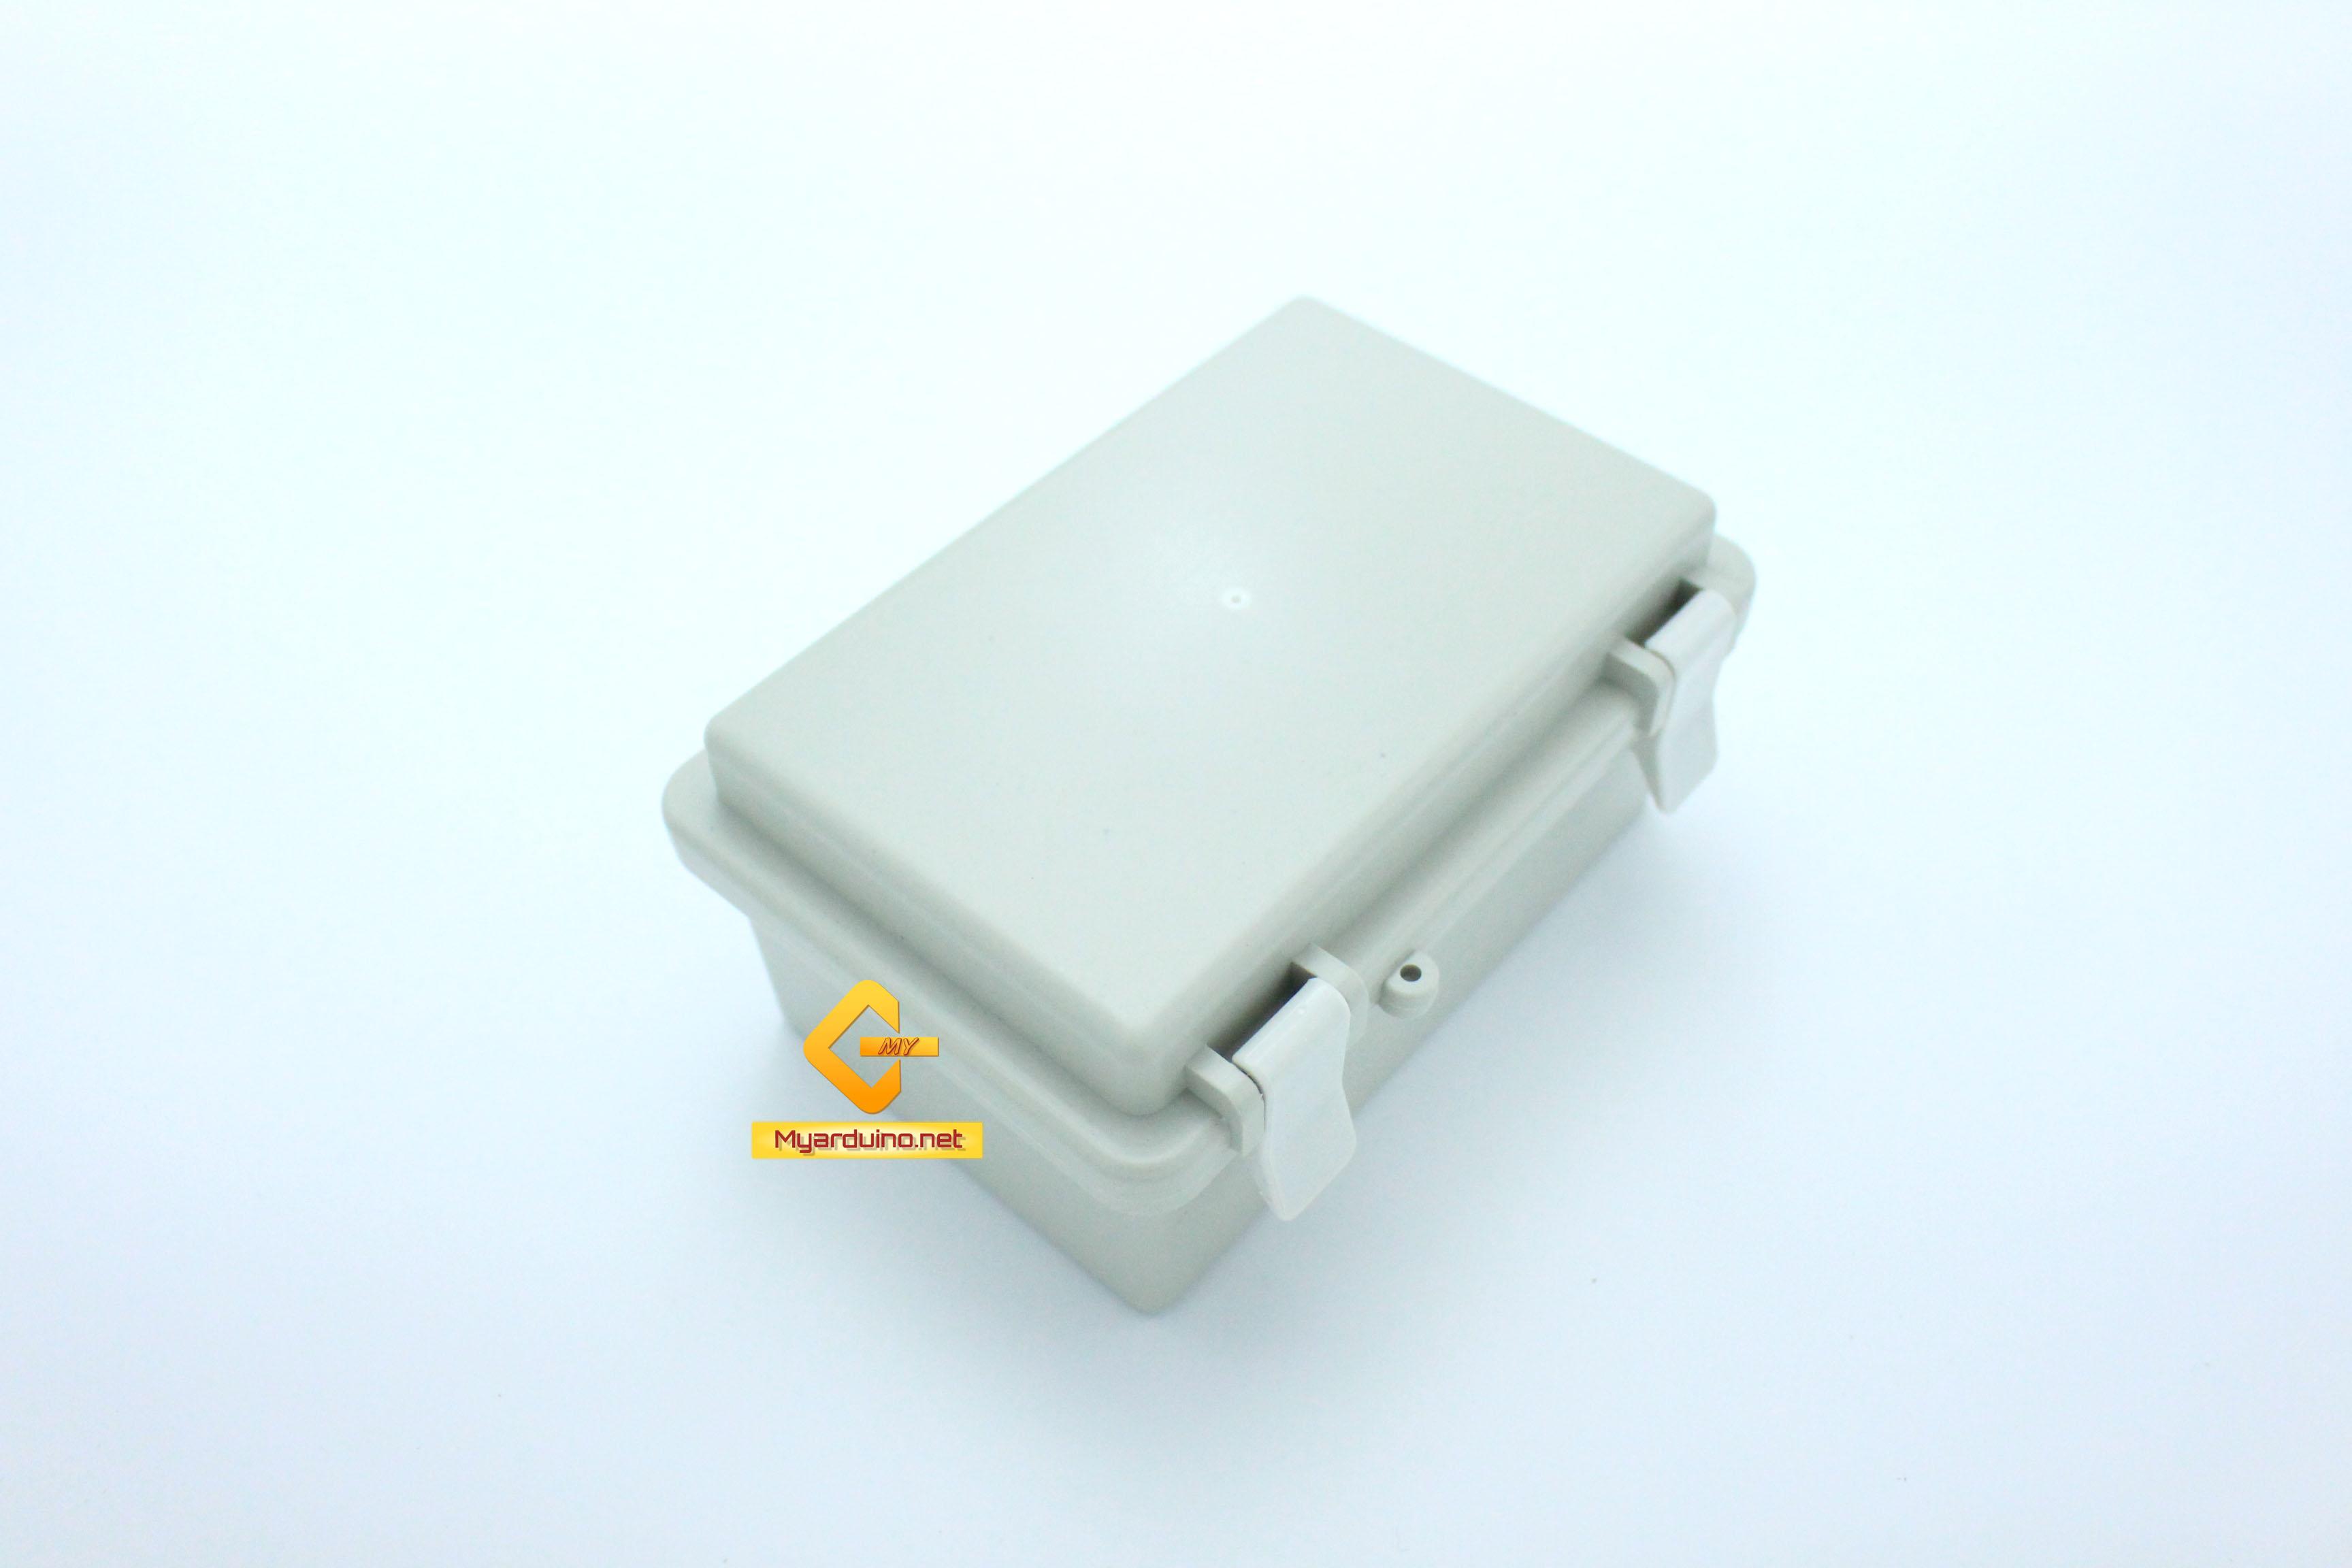 กล่องอิเล็กทรอนิกส์ อเนกประสงค์ กันน้ำ สีเทา พร้อมฝาปิด 100*150*72 mm